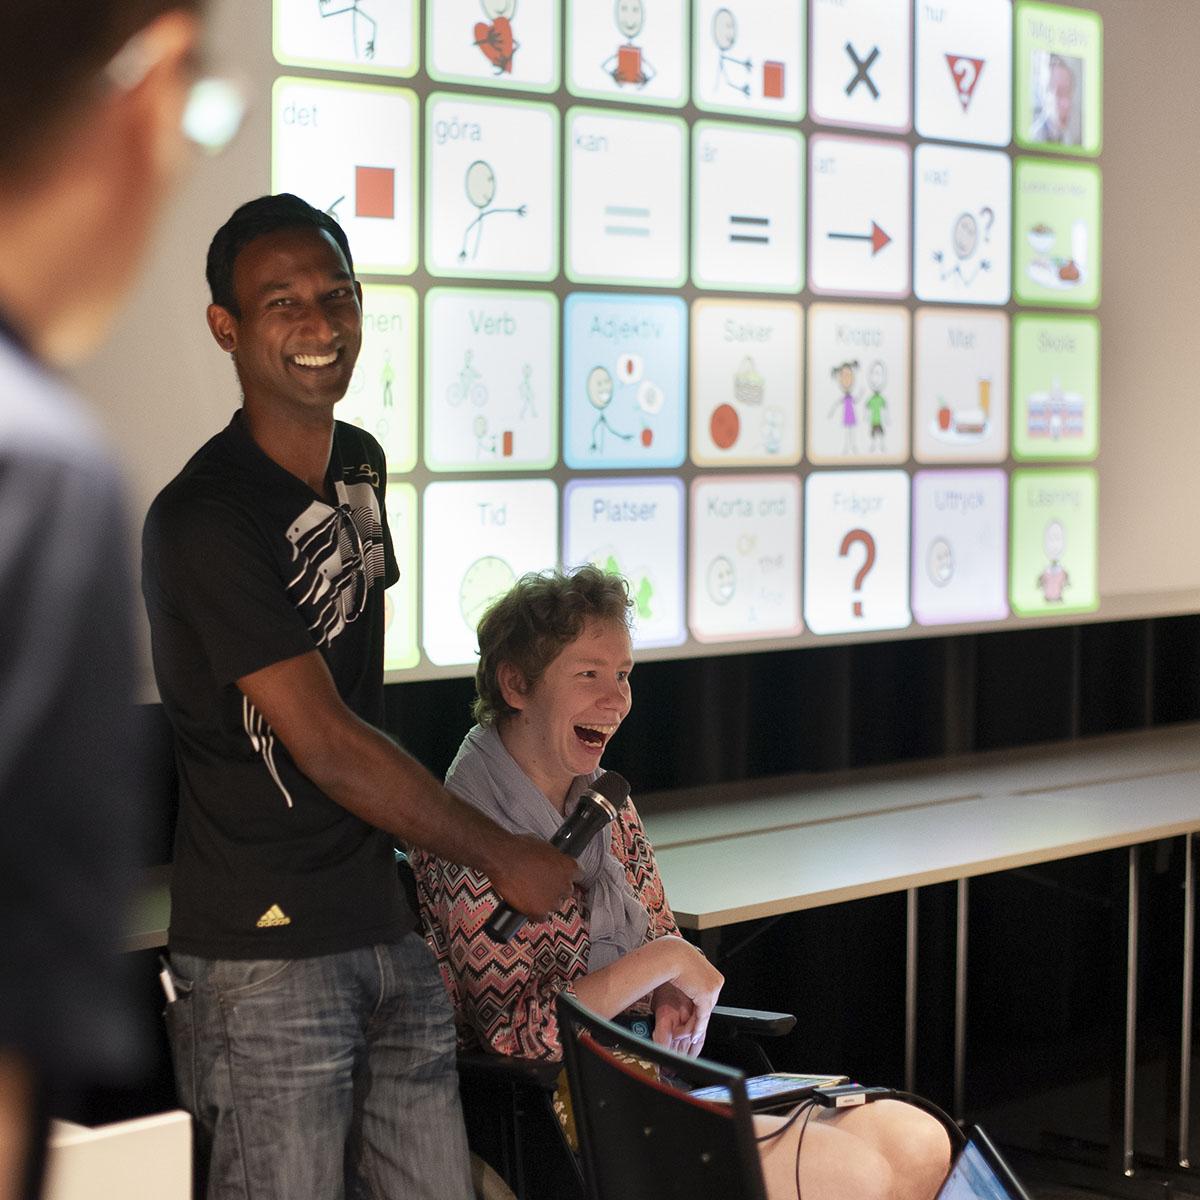 Kinna på stol talar i mikrofon som hålls av assistent. I bakgrunden skärm med flera symbolbilder.